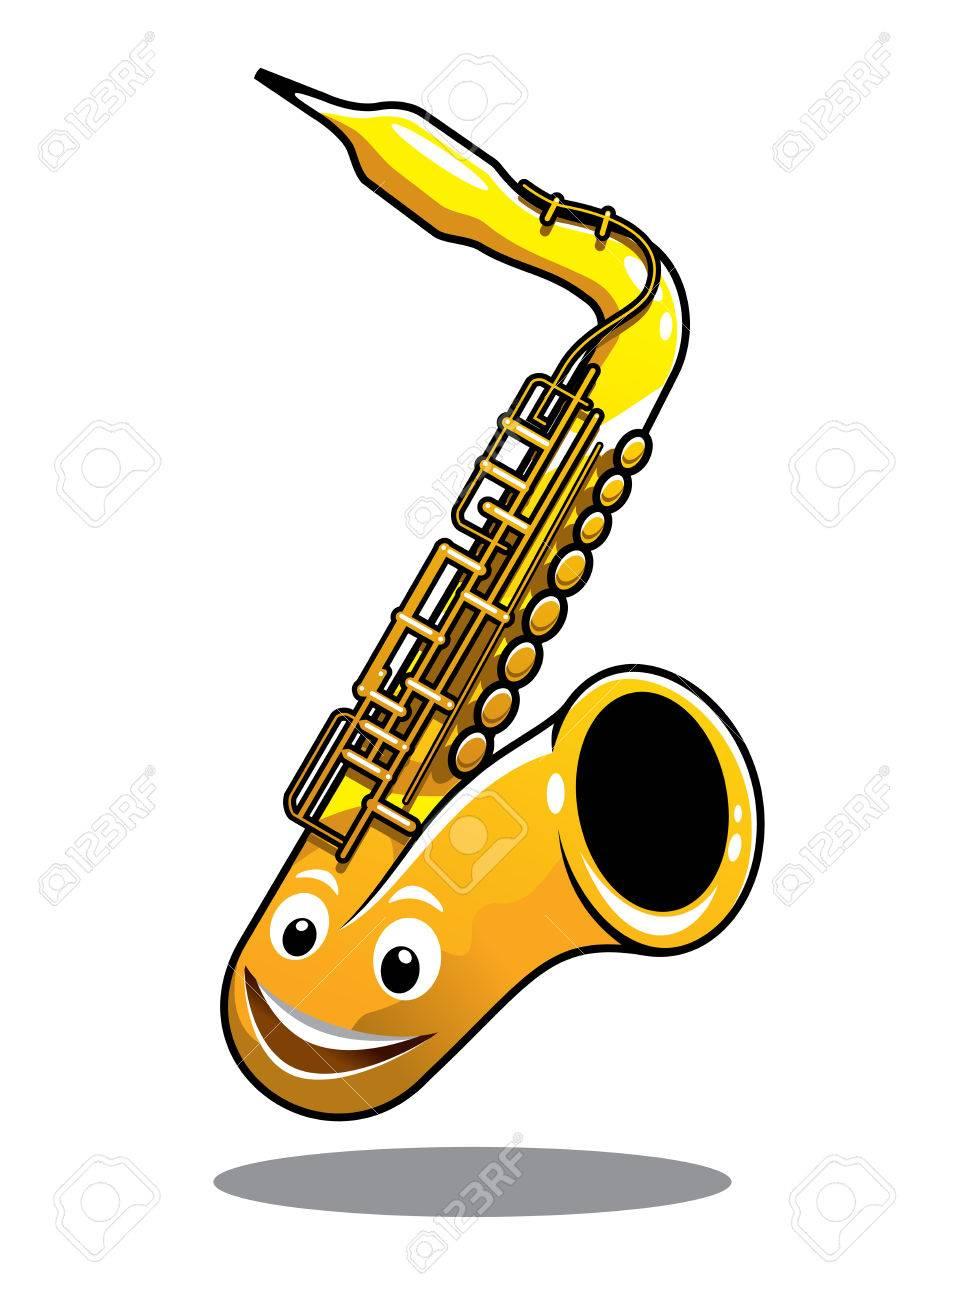 漫画面白い幸せな真鍮サックス楽器である白で隔離されるかわいい笑顔の